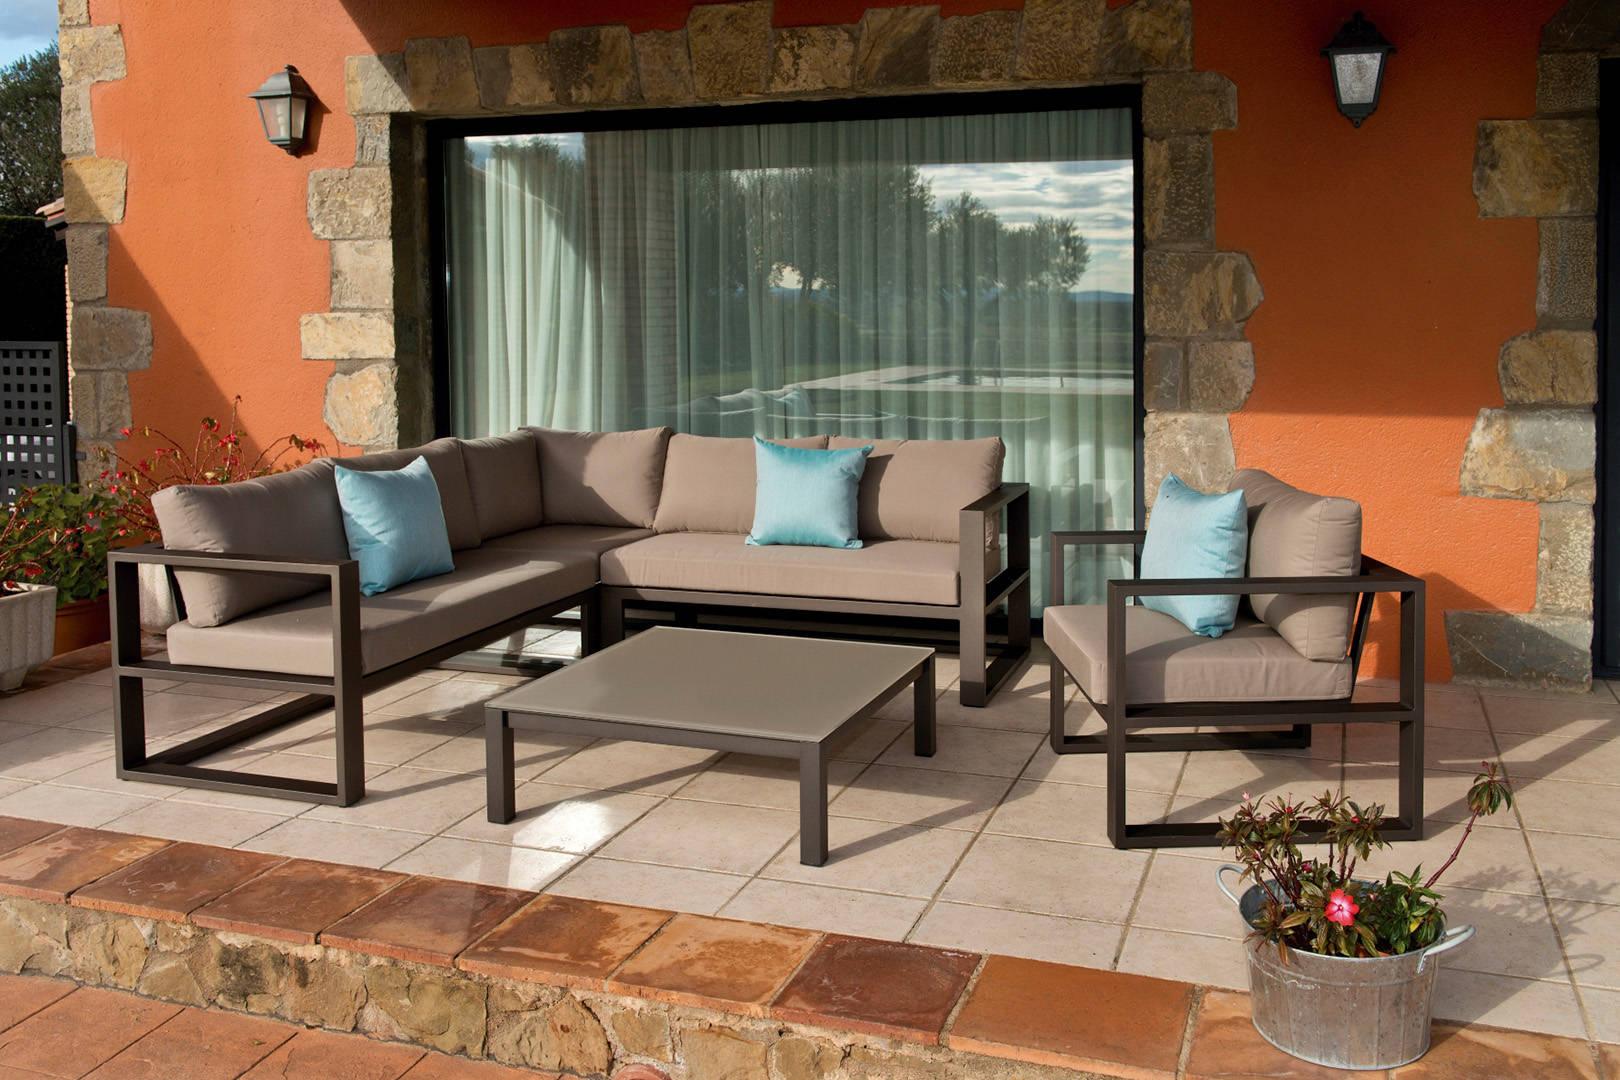 muebles de exterior sofas y mesa